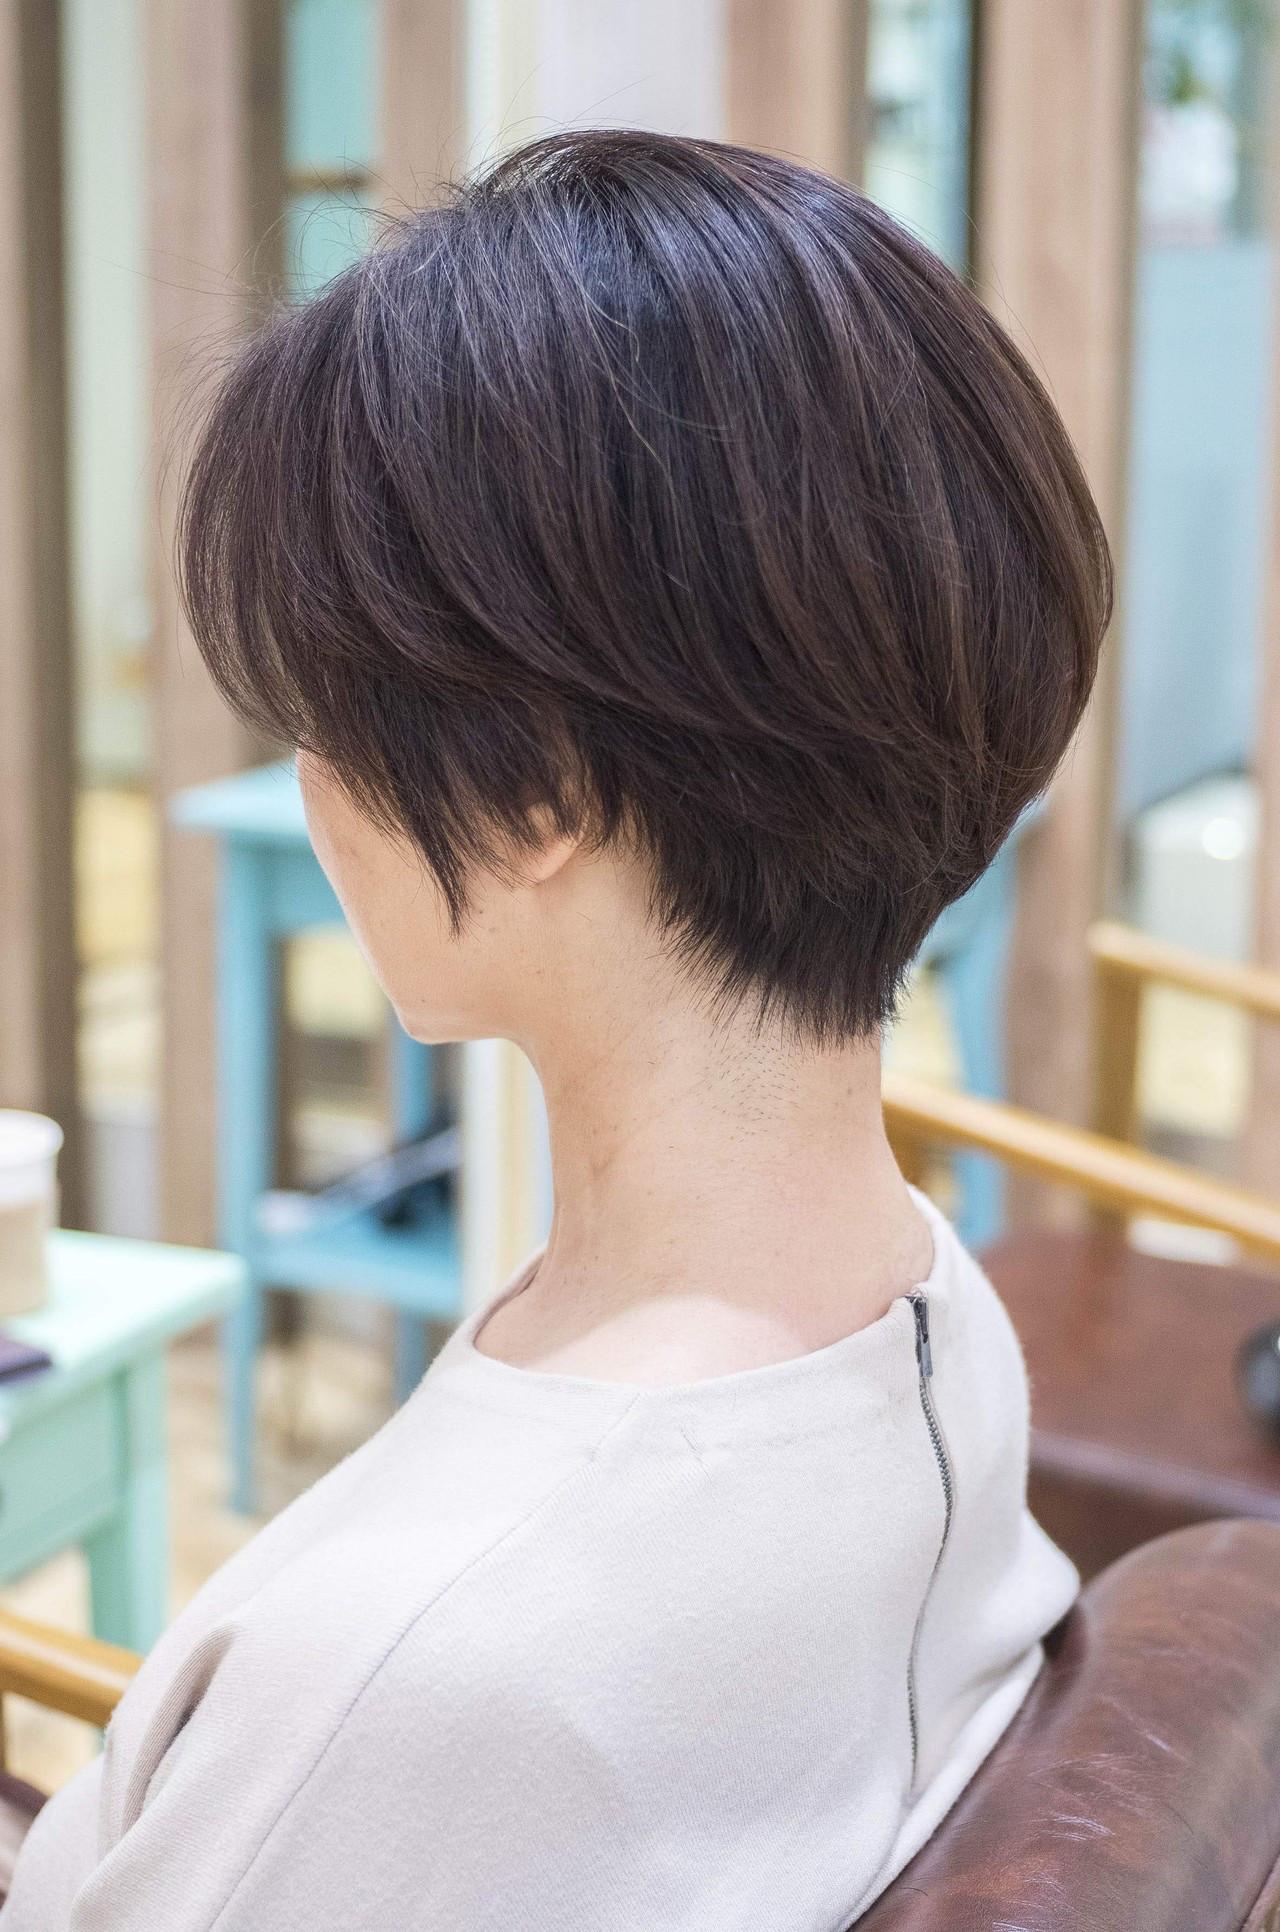 前下がり ナチュラル ショートボブ 大人かわいい ヘアスタイルや髪型の写真・画像